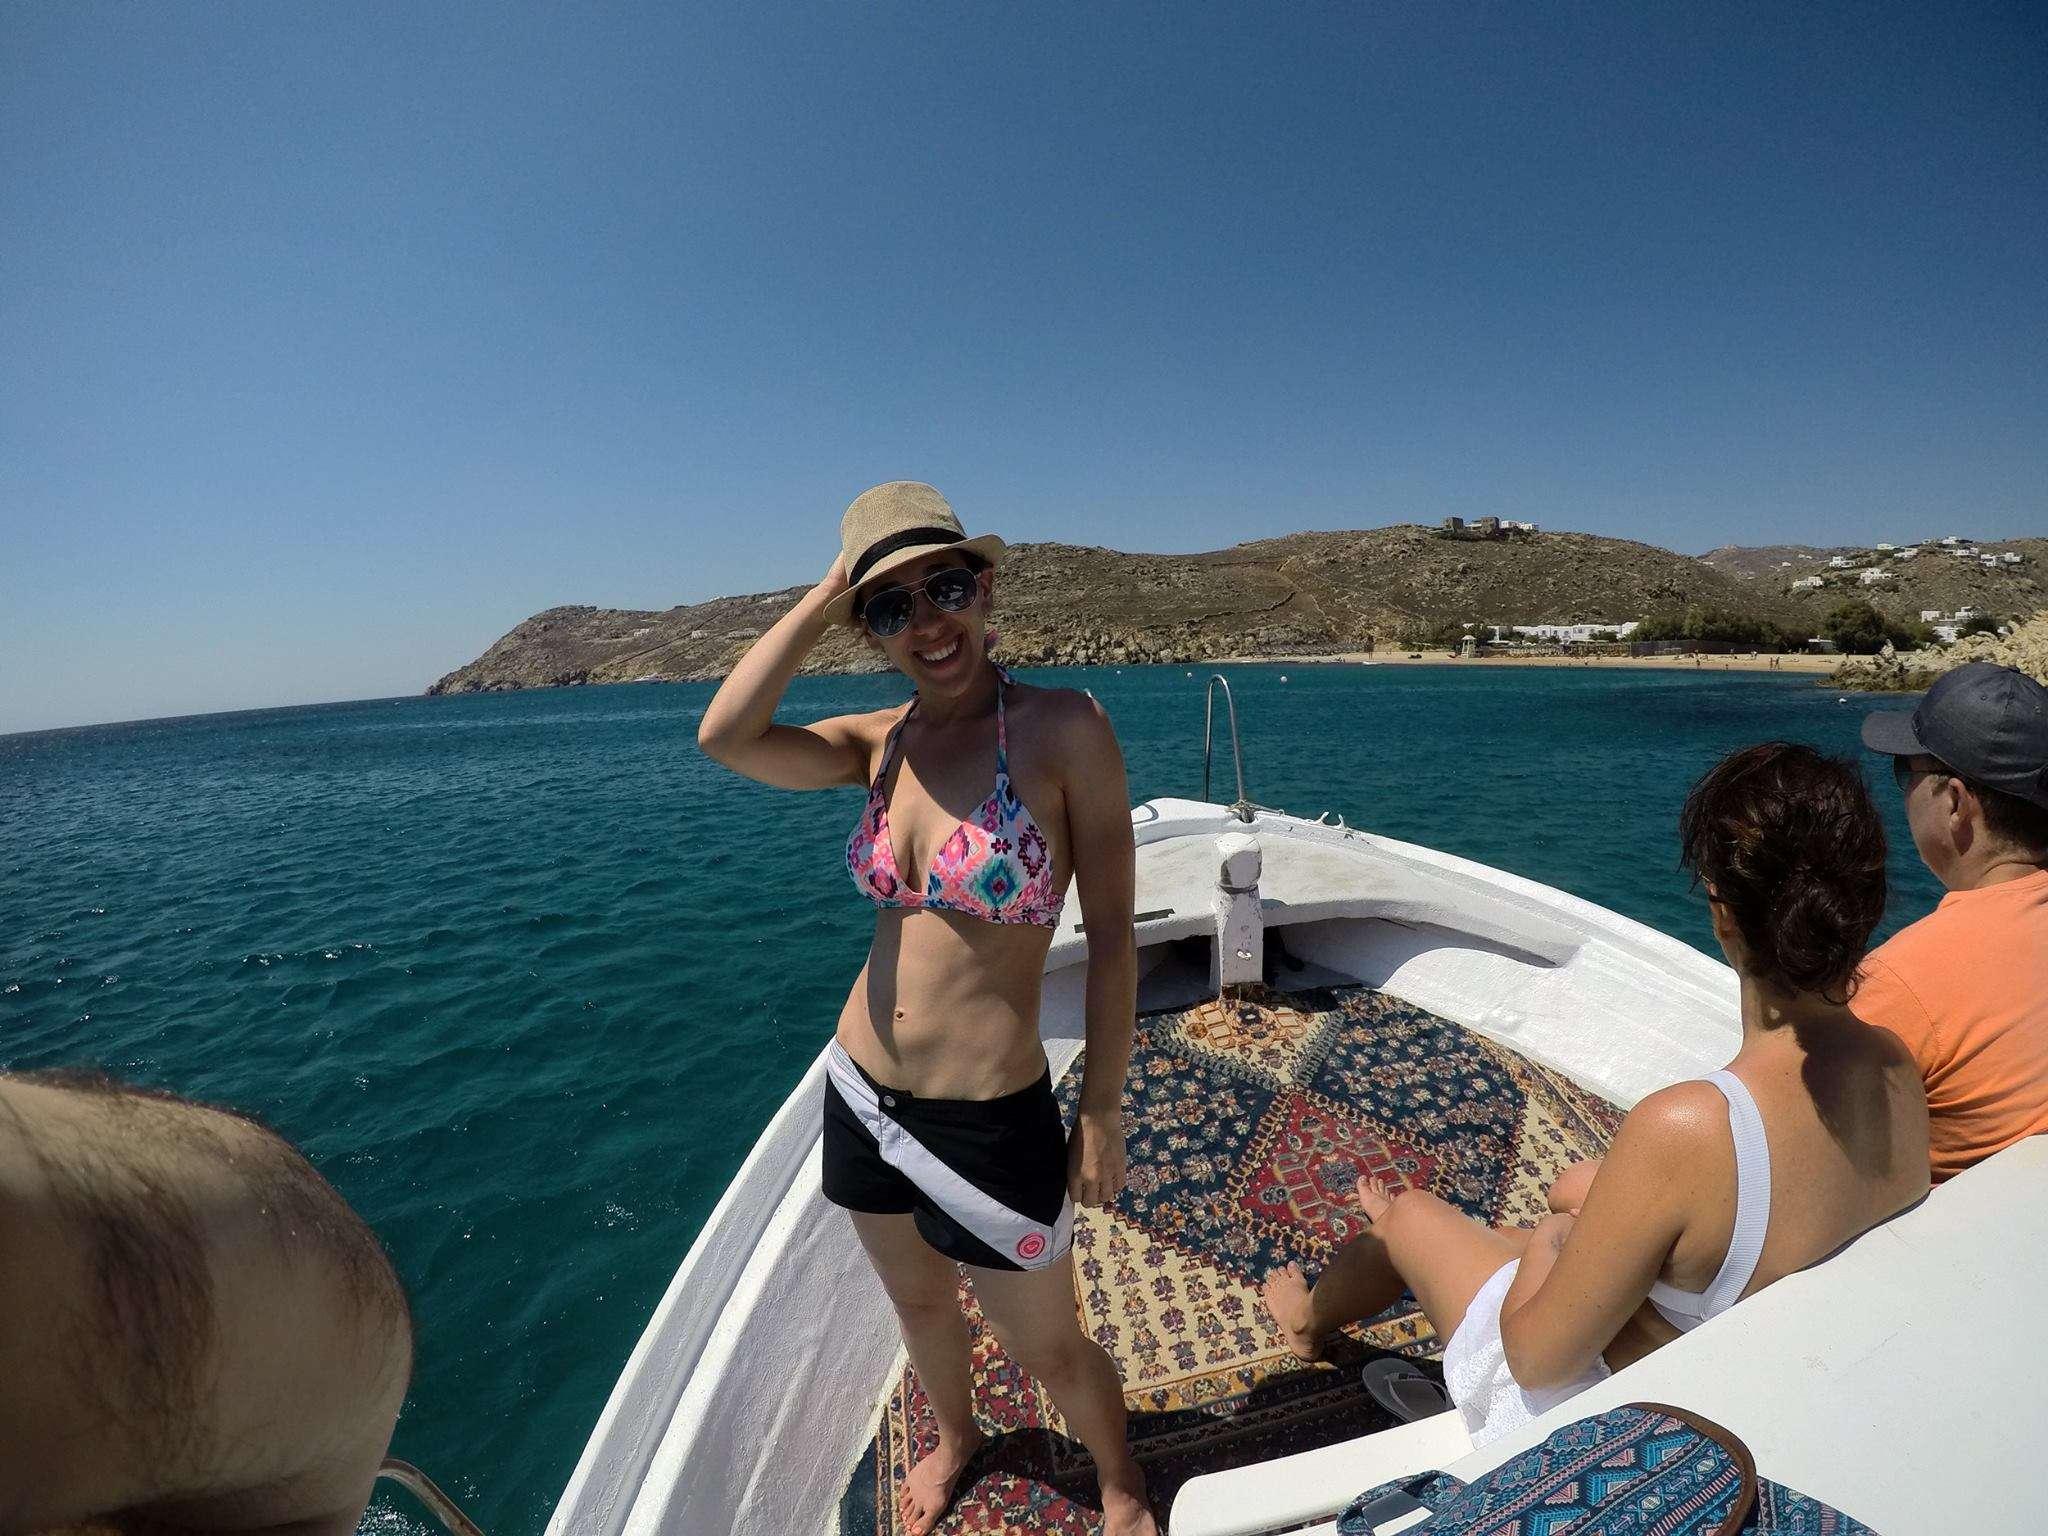 Aboard a water taxi in Mykonos